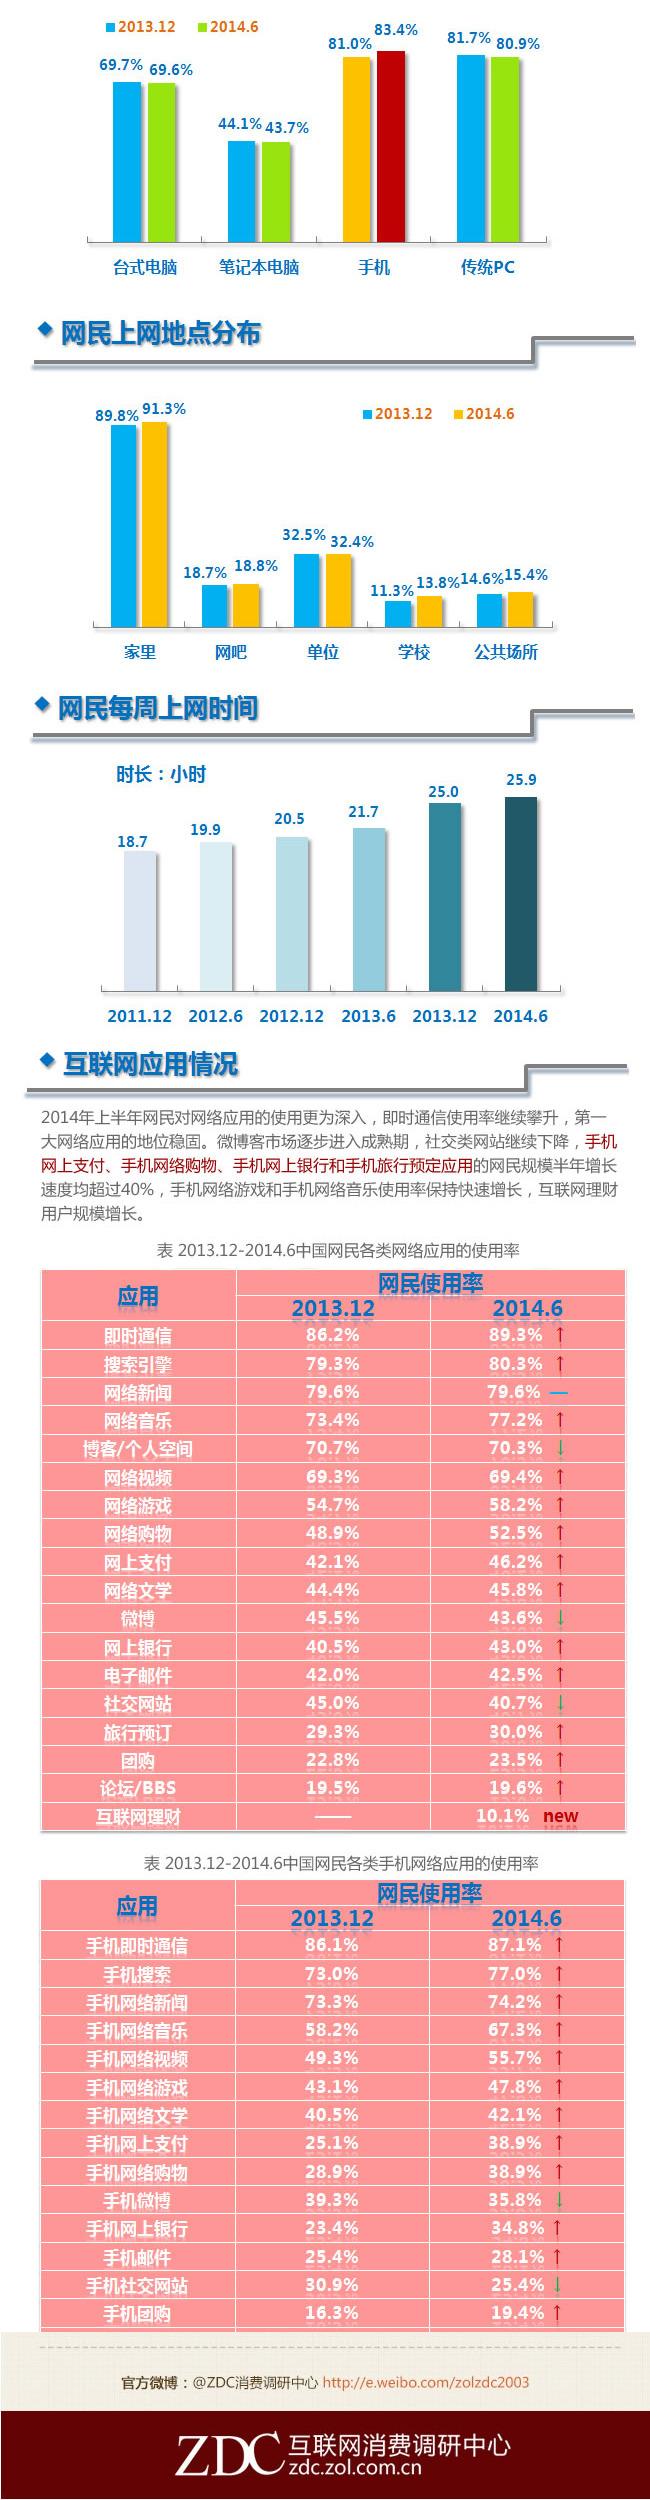 中国互联网网民分析2